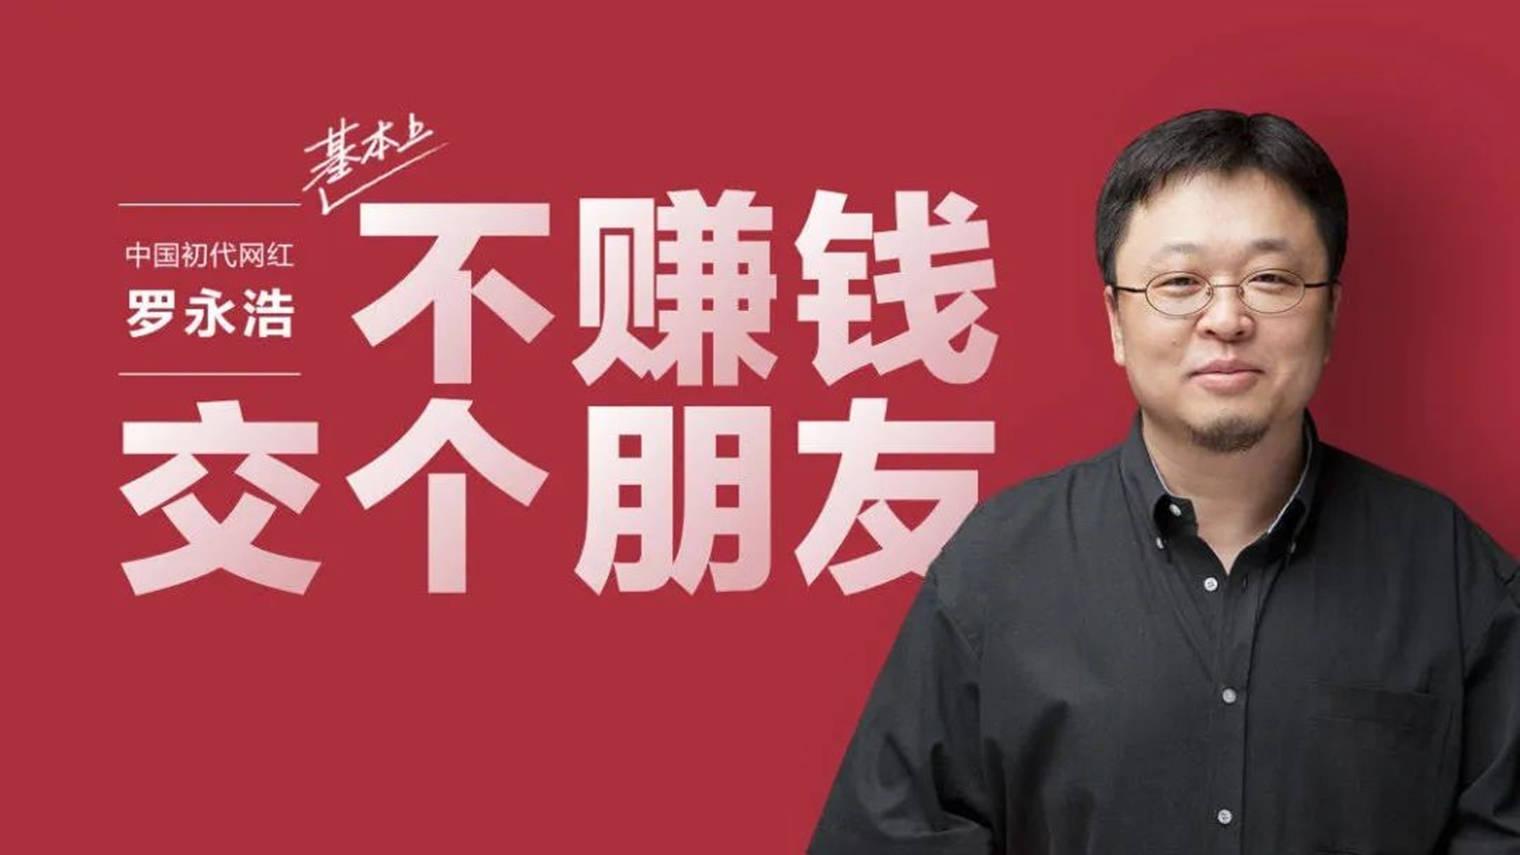 独家专访罗永浩:直播带货本非我愿,年底债务还完后也许还会去做智能硬件